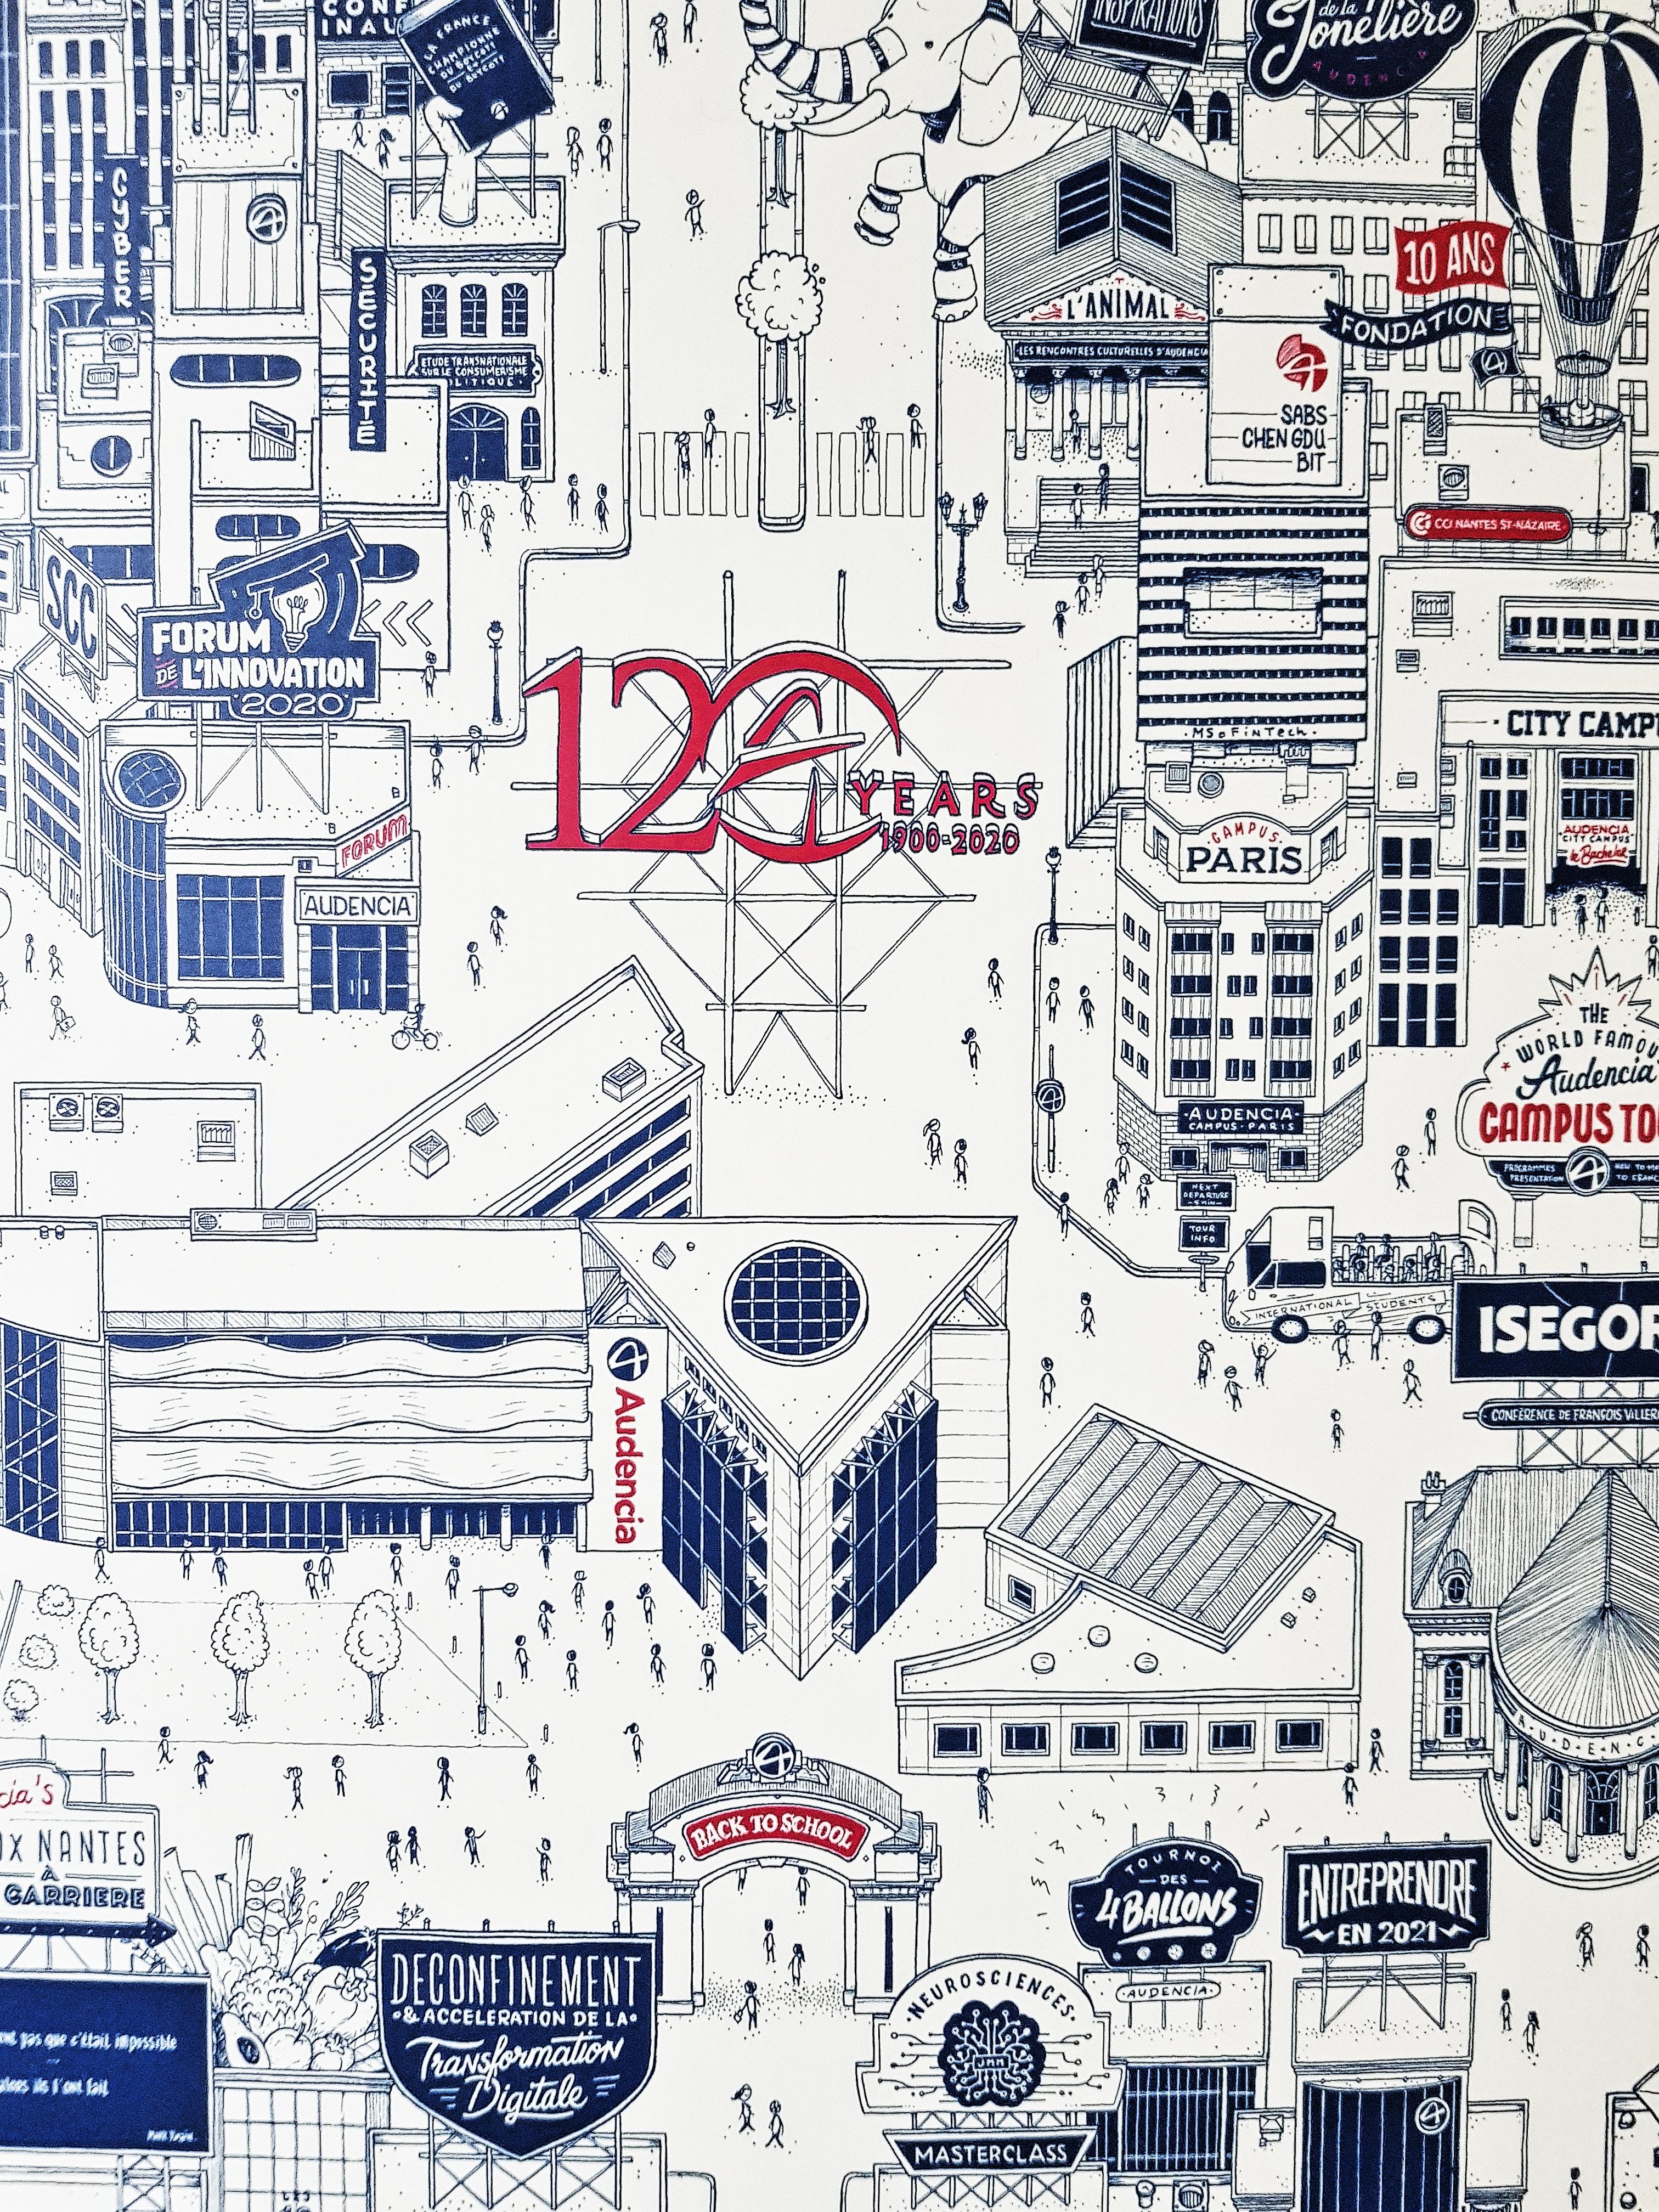 AUDENCIA Docteur Paper 120 ANS NANTES Nantes City ILLUSTRATION